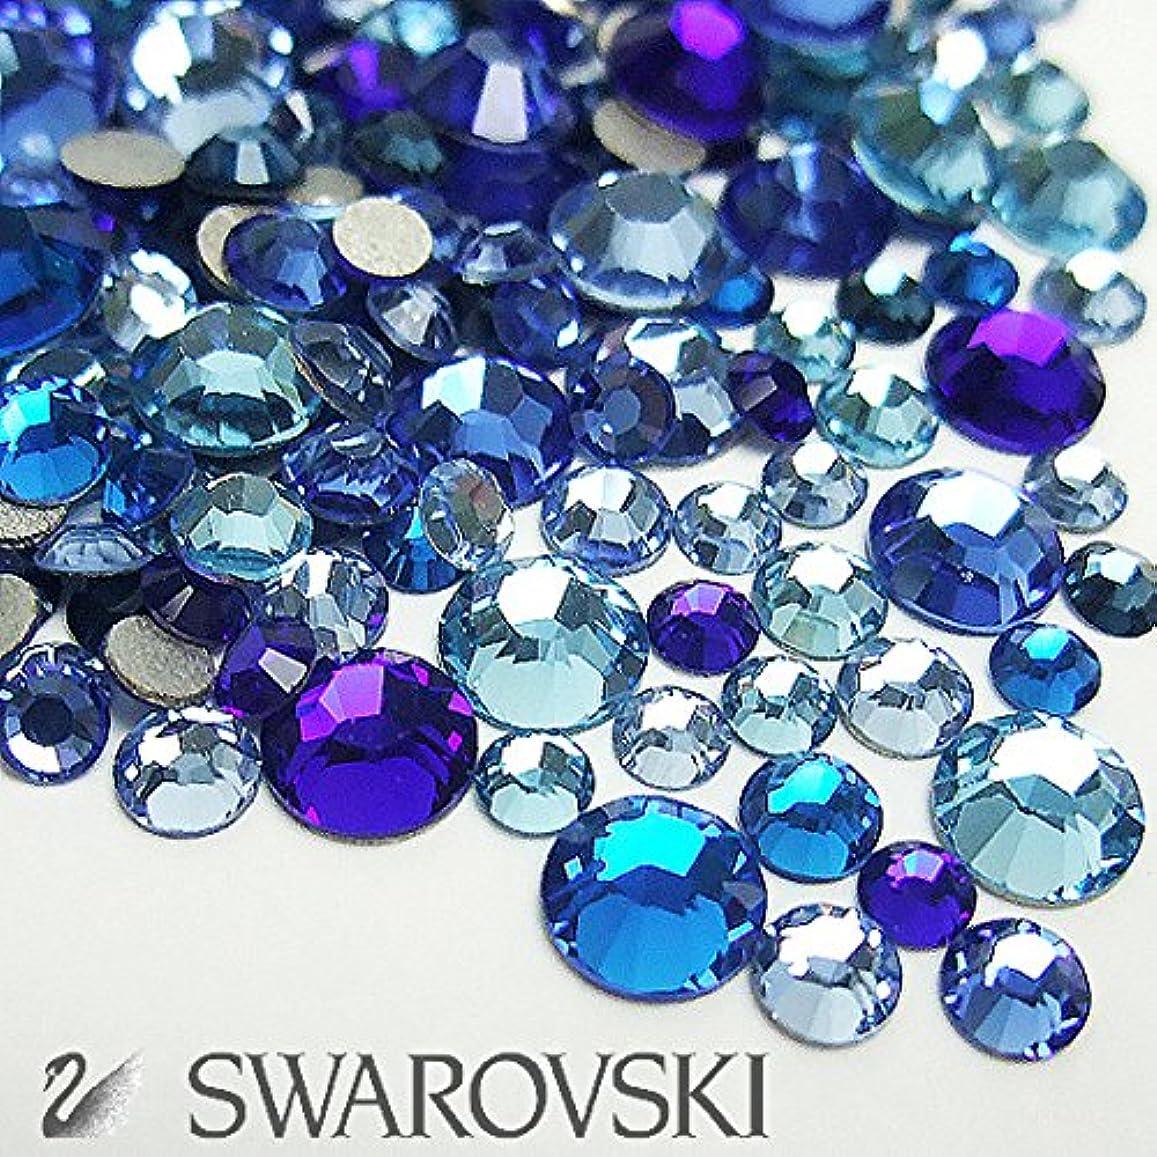 チャーム赤道系統的スワロフスキー(Swarovski) クリスタライズ ラインストーン お試しMIX (100粒) ブルー